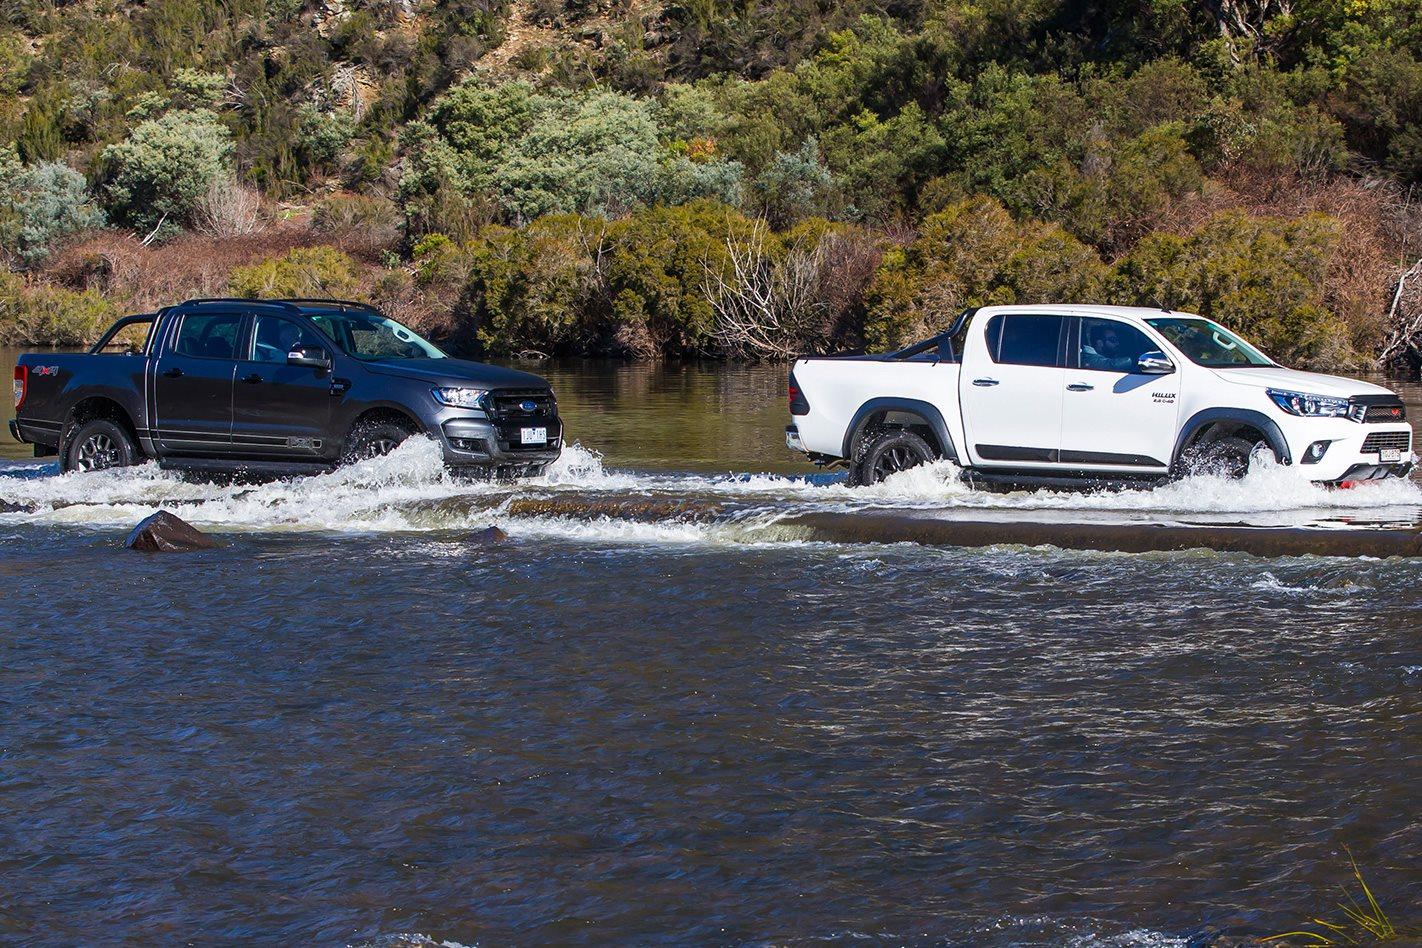 Toyota Hilux TRD vs Ford Ranger FX4 offroading